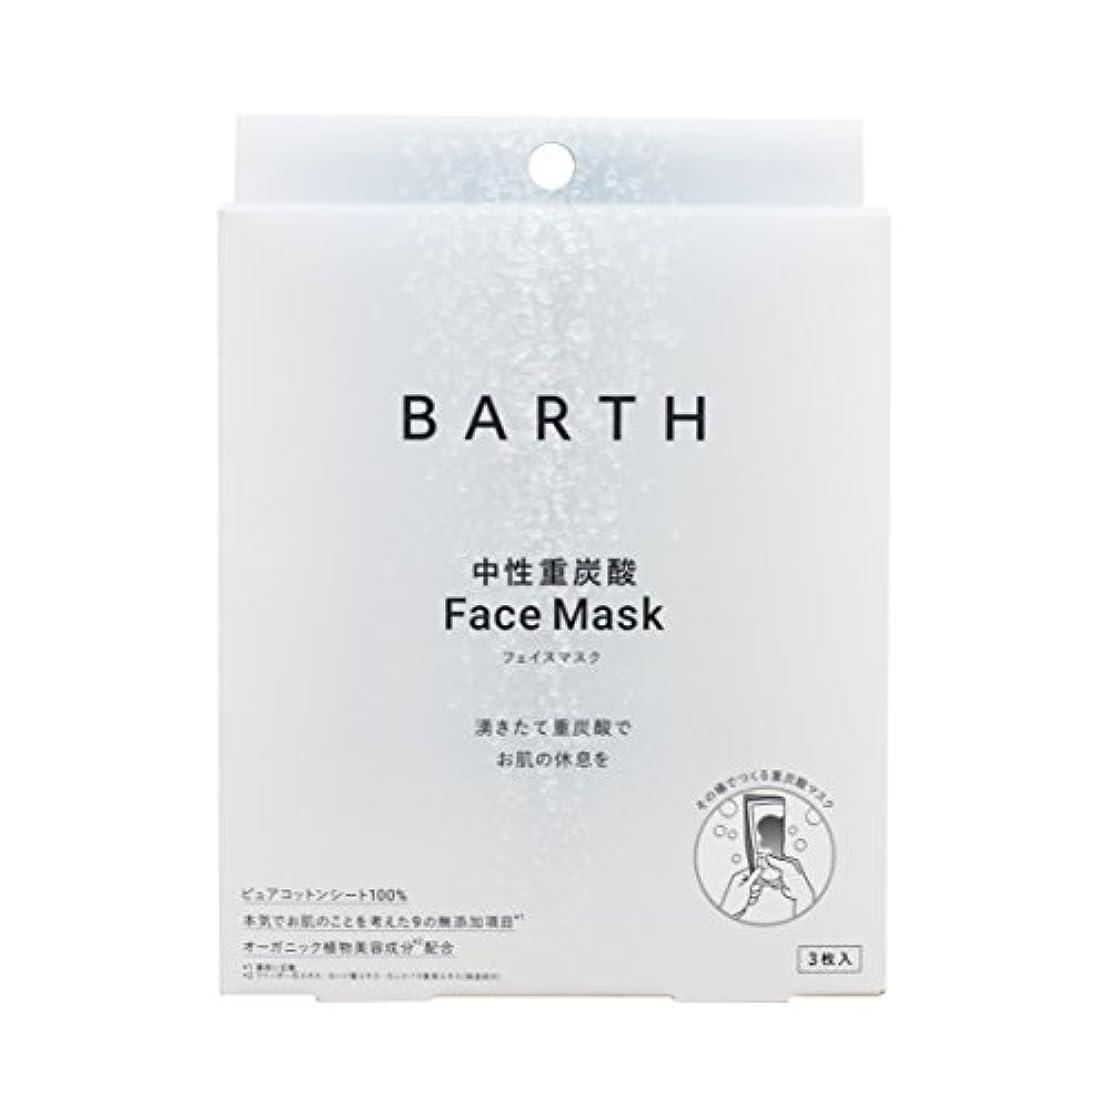 ビリーヤギ支出かすかなBARTH【バース】 中性 重炭酸 フェイスマスク (無添加 日本製 ピュアコットン 100% オーガニック植物美容成分3種入り) (3包入り)